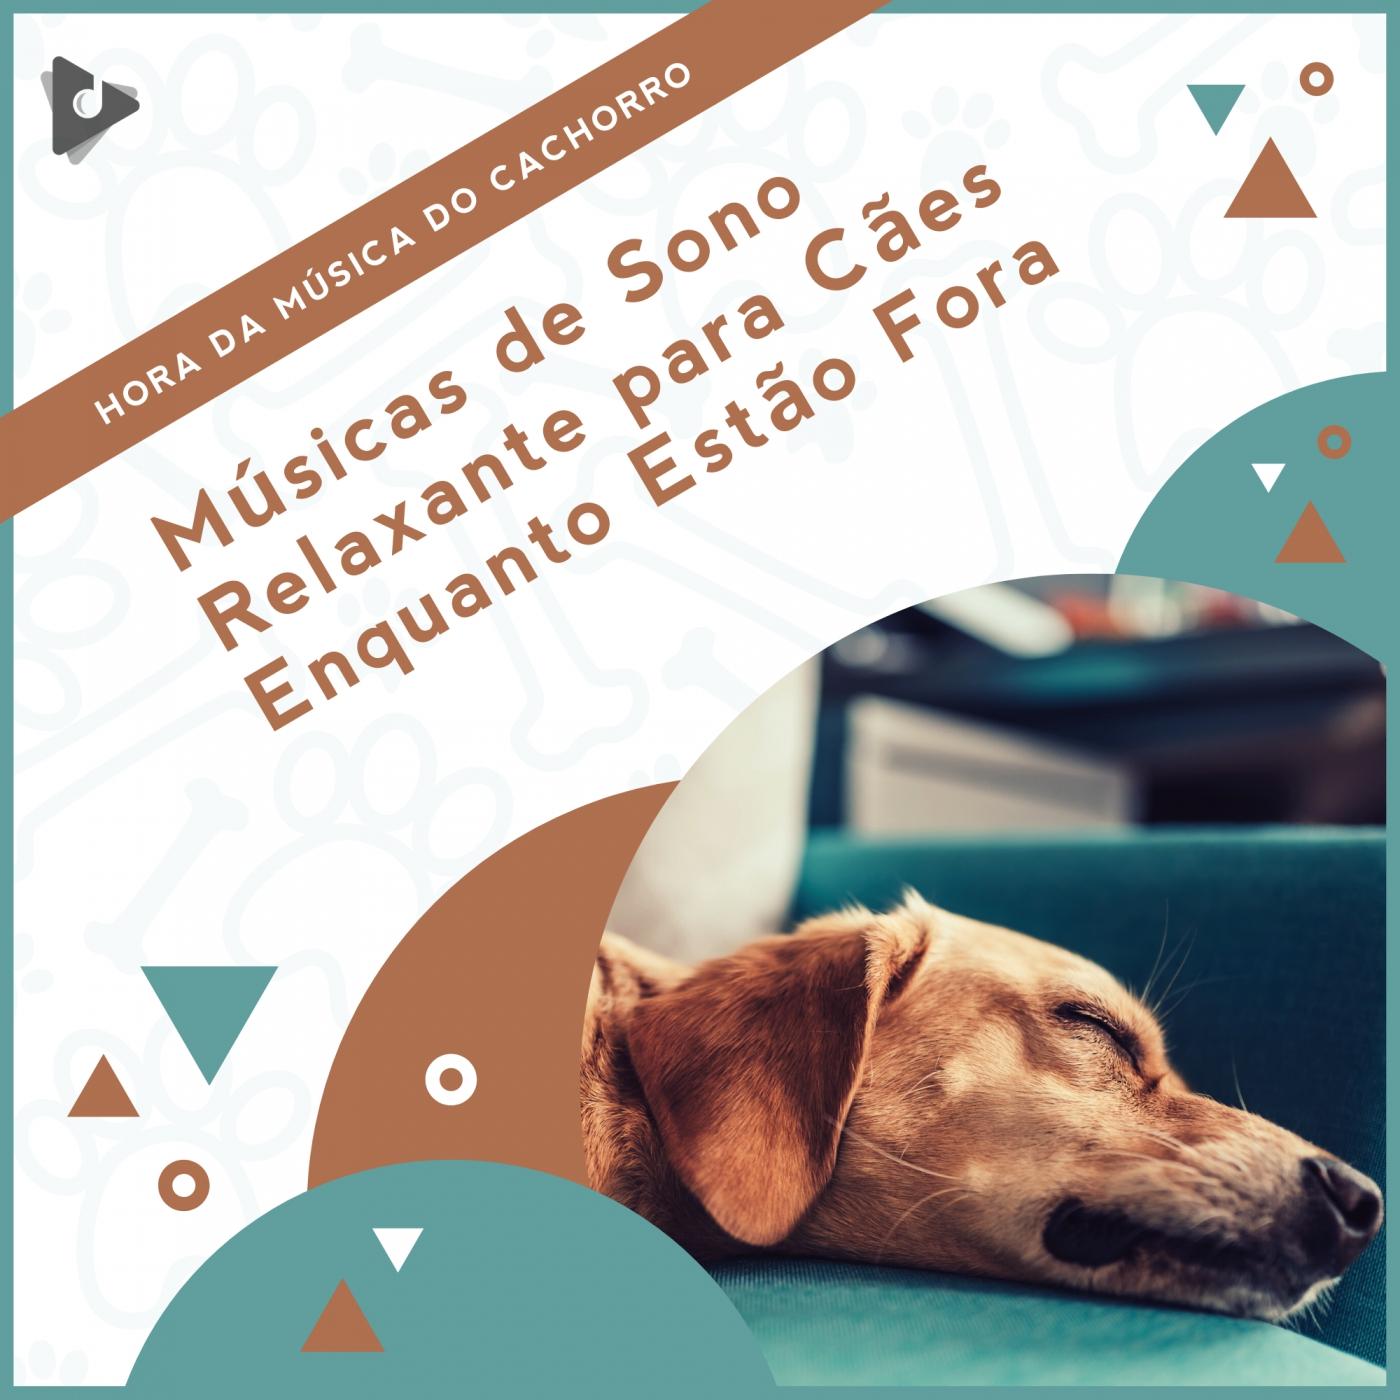 Músicas de Sono Relaxante para Cães Enquanto Estão Fora